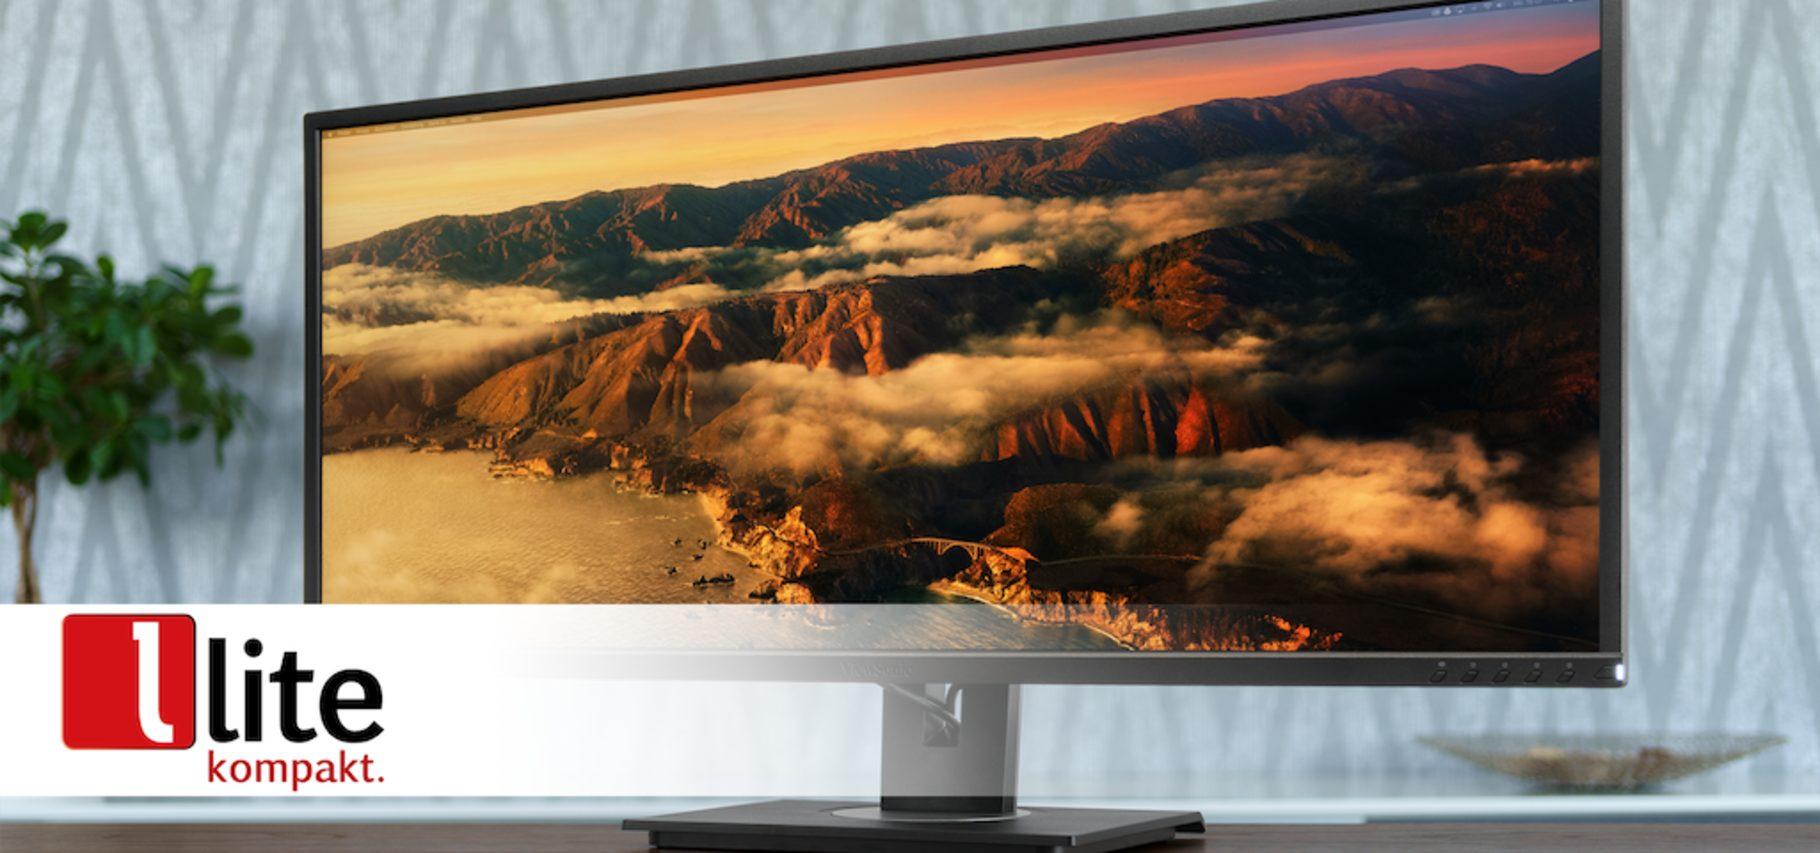 ViewSonic VG3456 – 21:9-Monitor für Home Office, Freizeit und Heimkino-Spaß